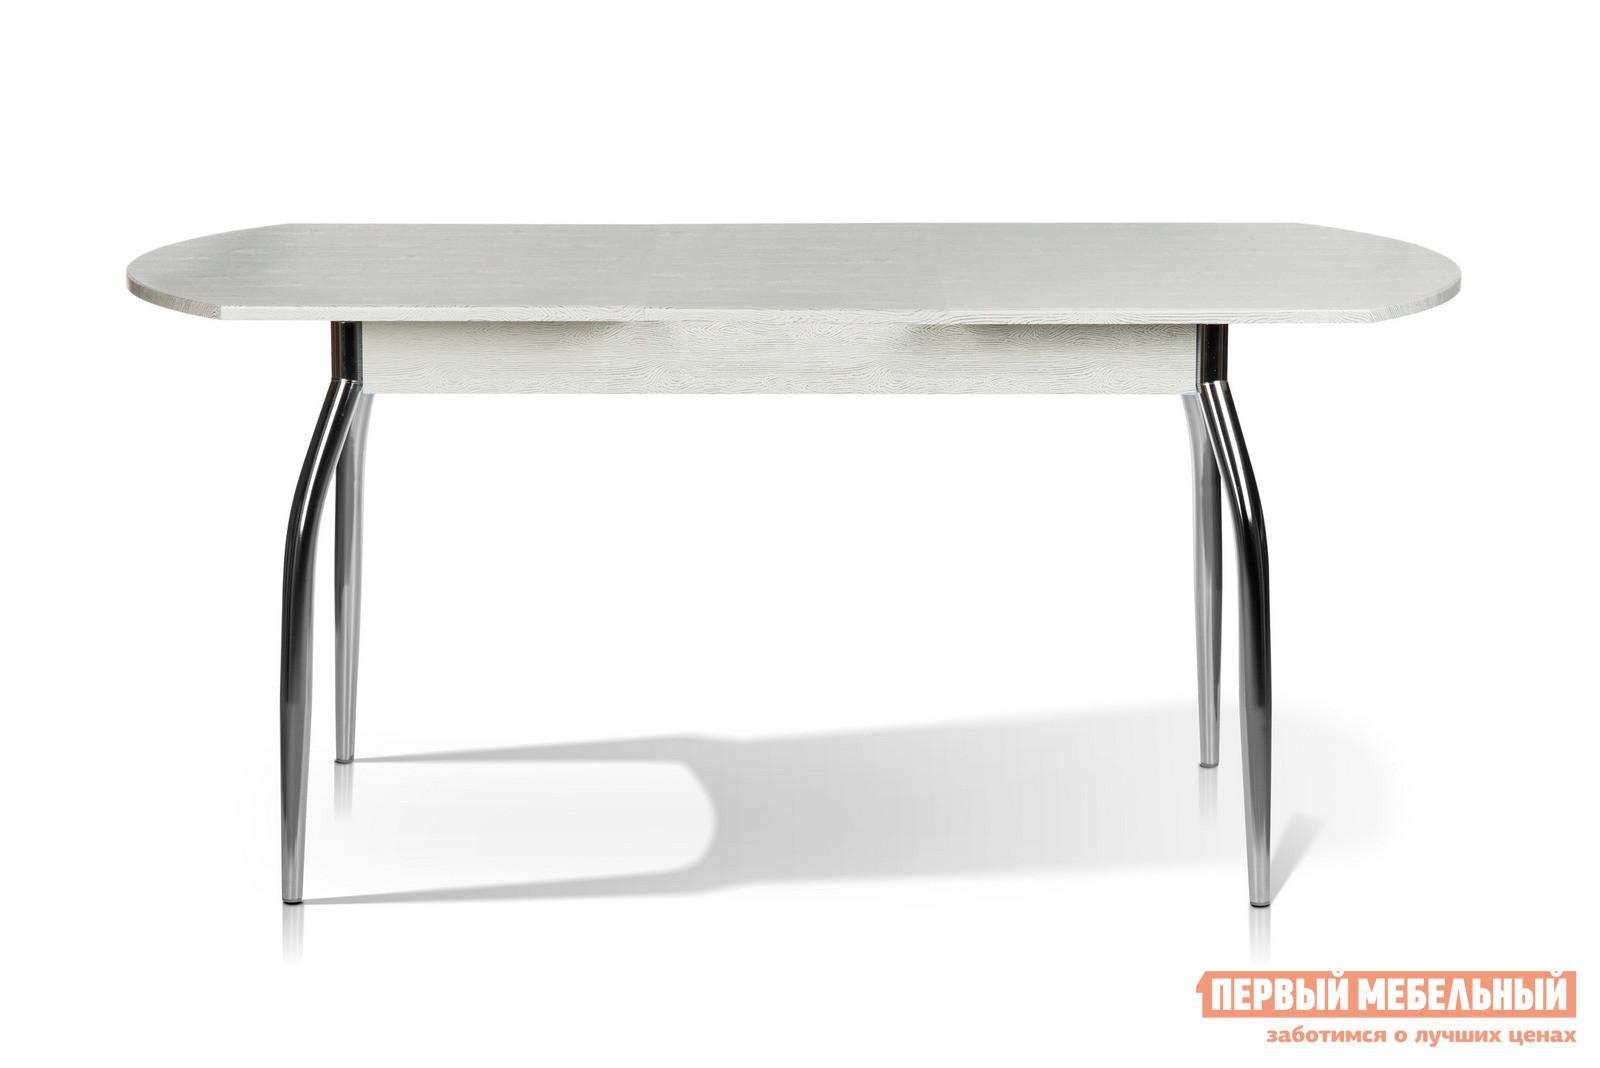 Фото Кухонный стол МегаЭлатон Сиена Мини Дуб белый патина. Купить с доставкой